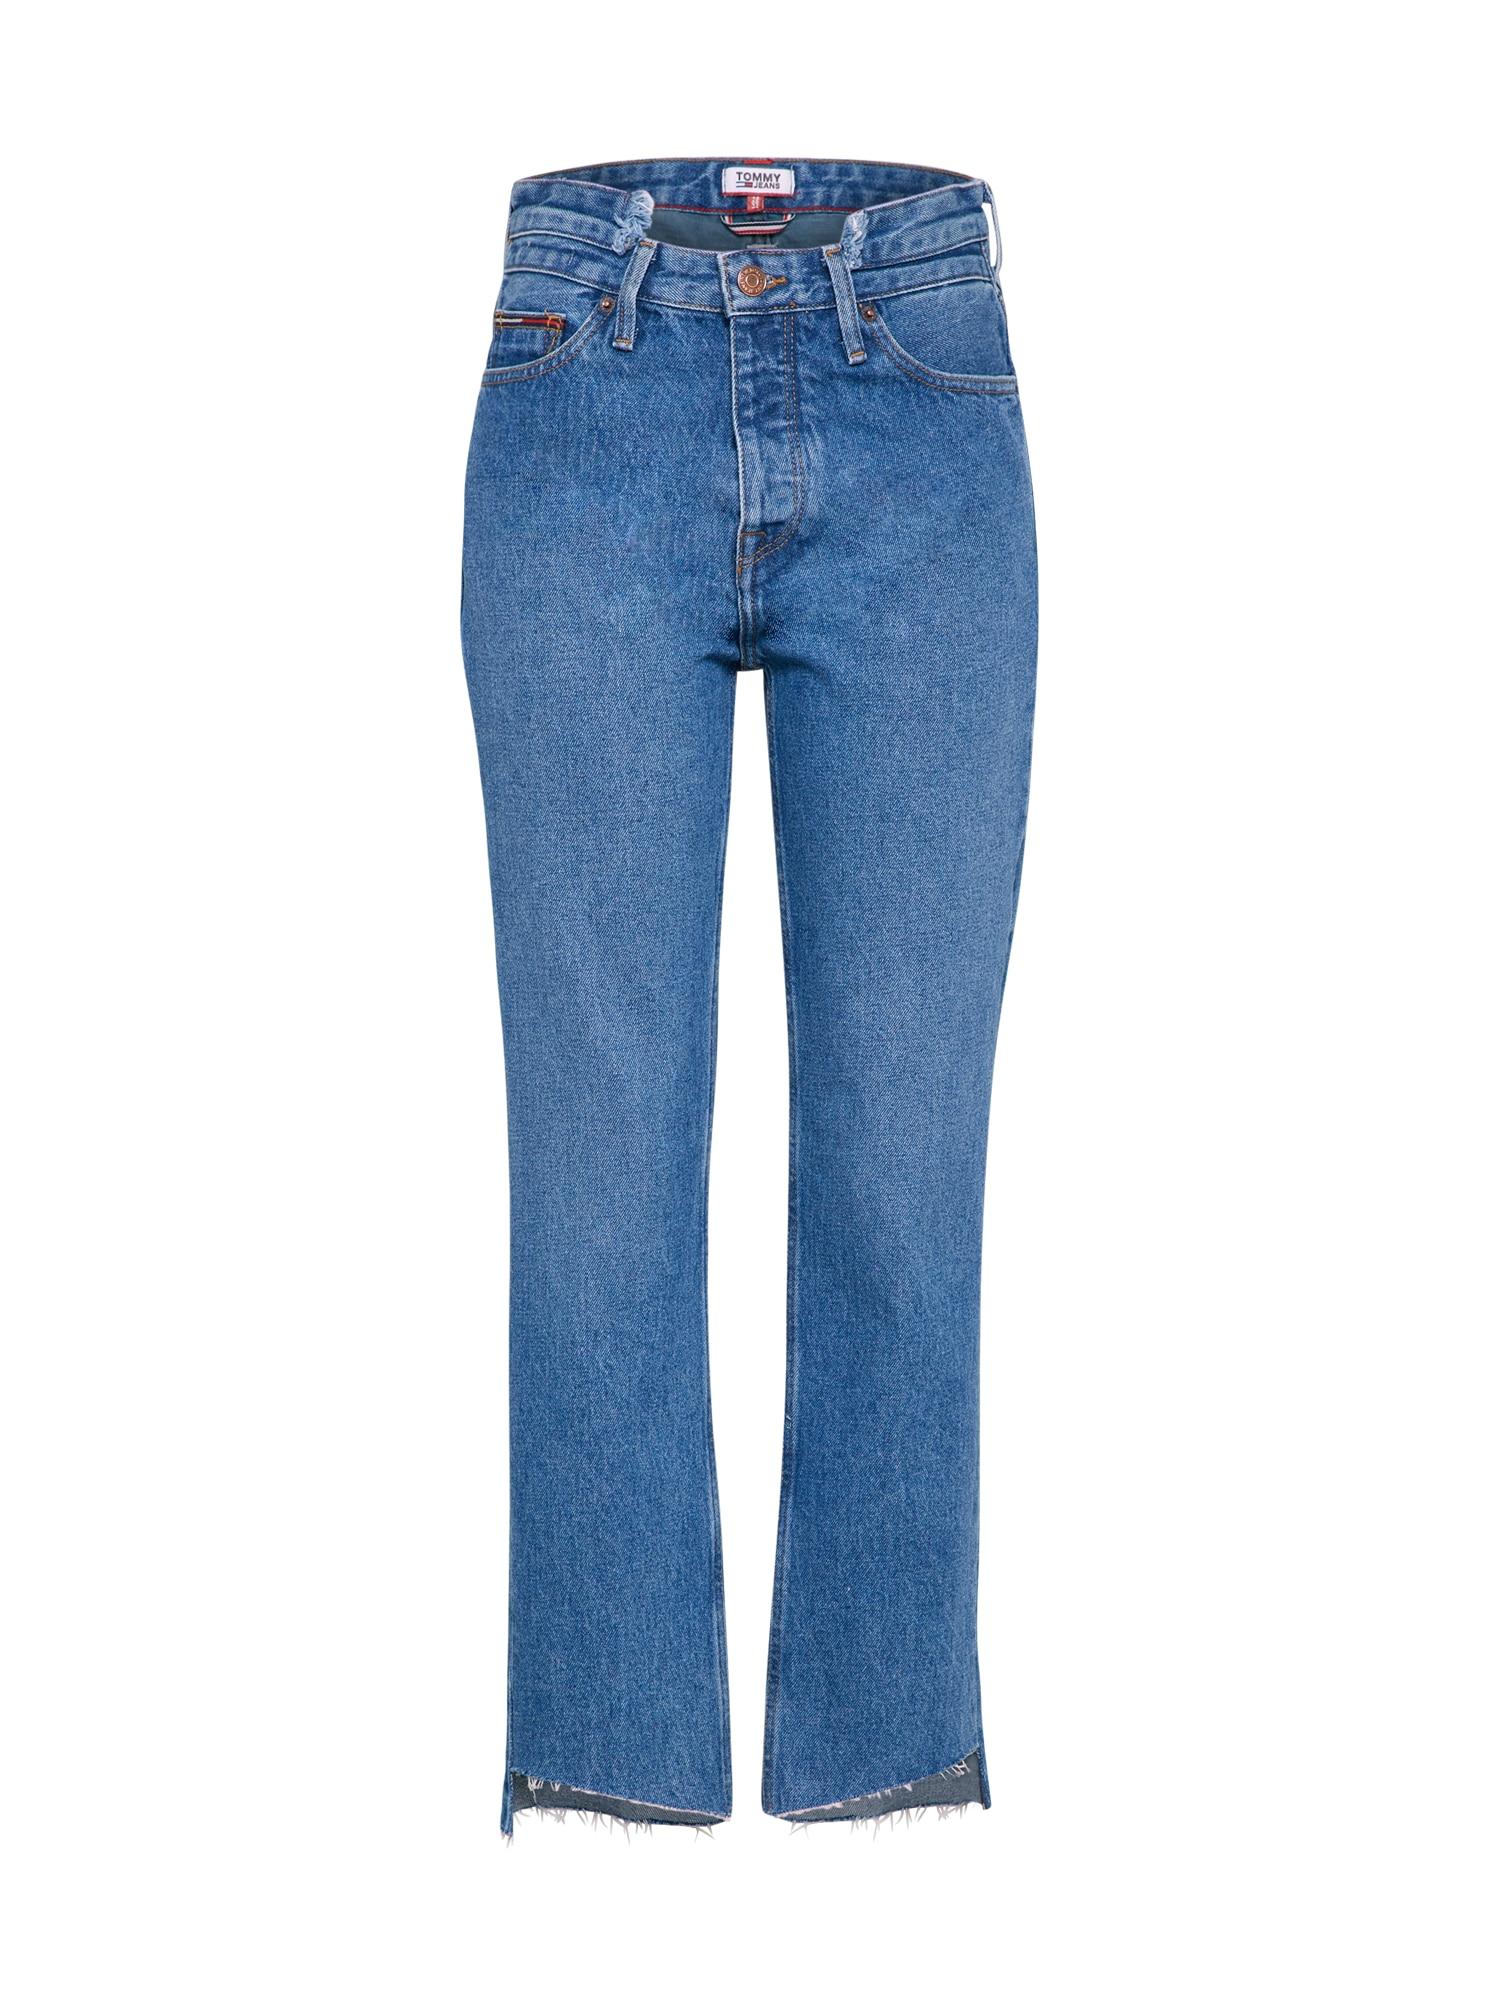 Džíny HIGH RISE SLIM IZZY modrá džínovina Tommy Jeans